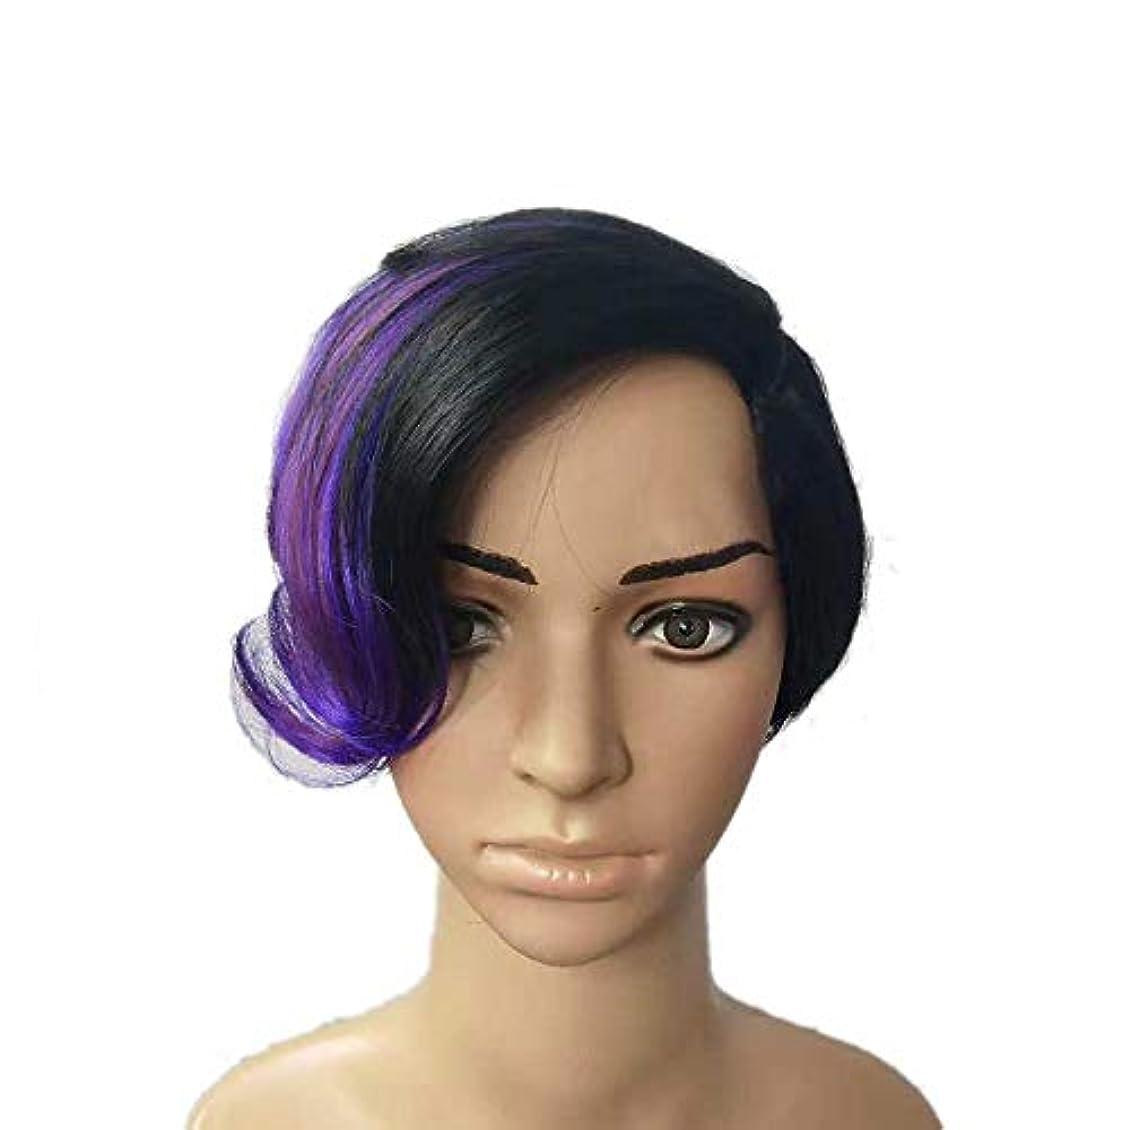 有効な監督する一元化するYOUQIU 女性の黒のハイライトパープルショートカーリーヘアウィッグコスプレパーティードレスウィッグ (色 : Photo Color)